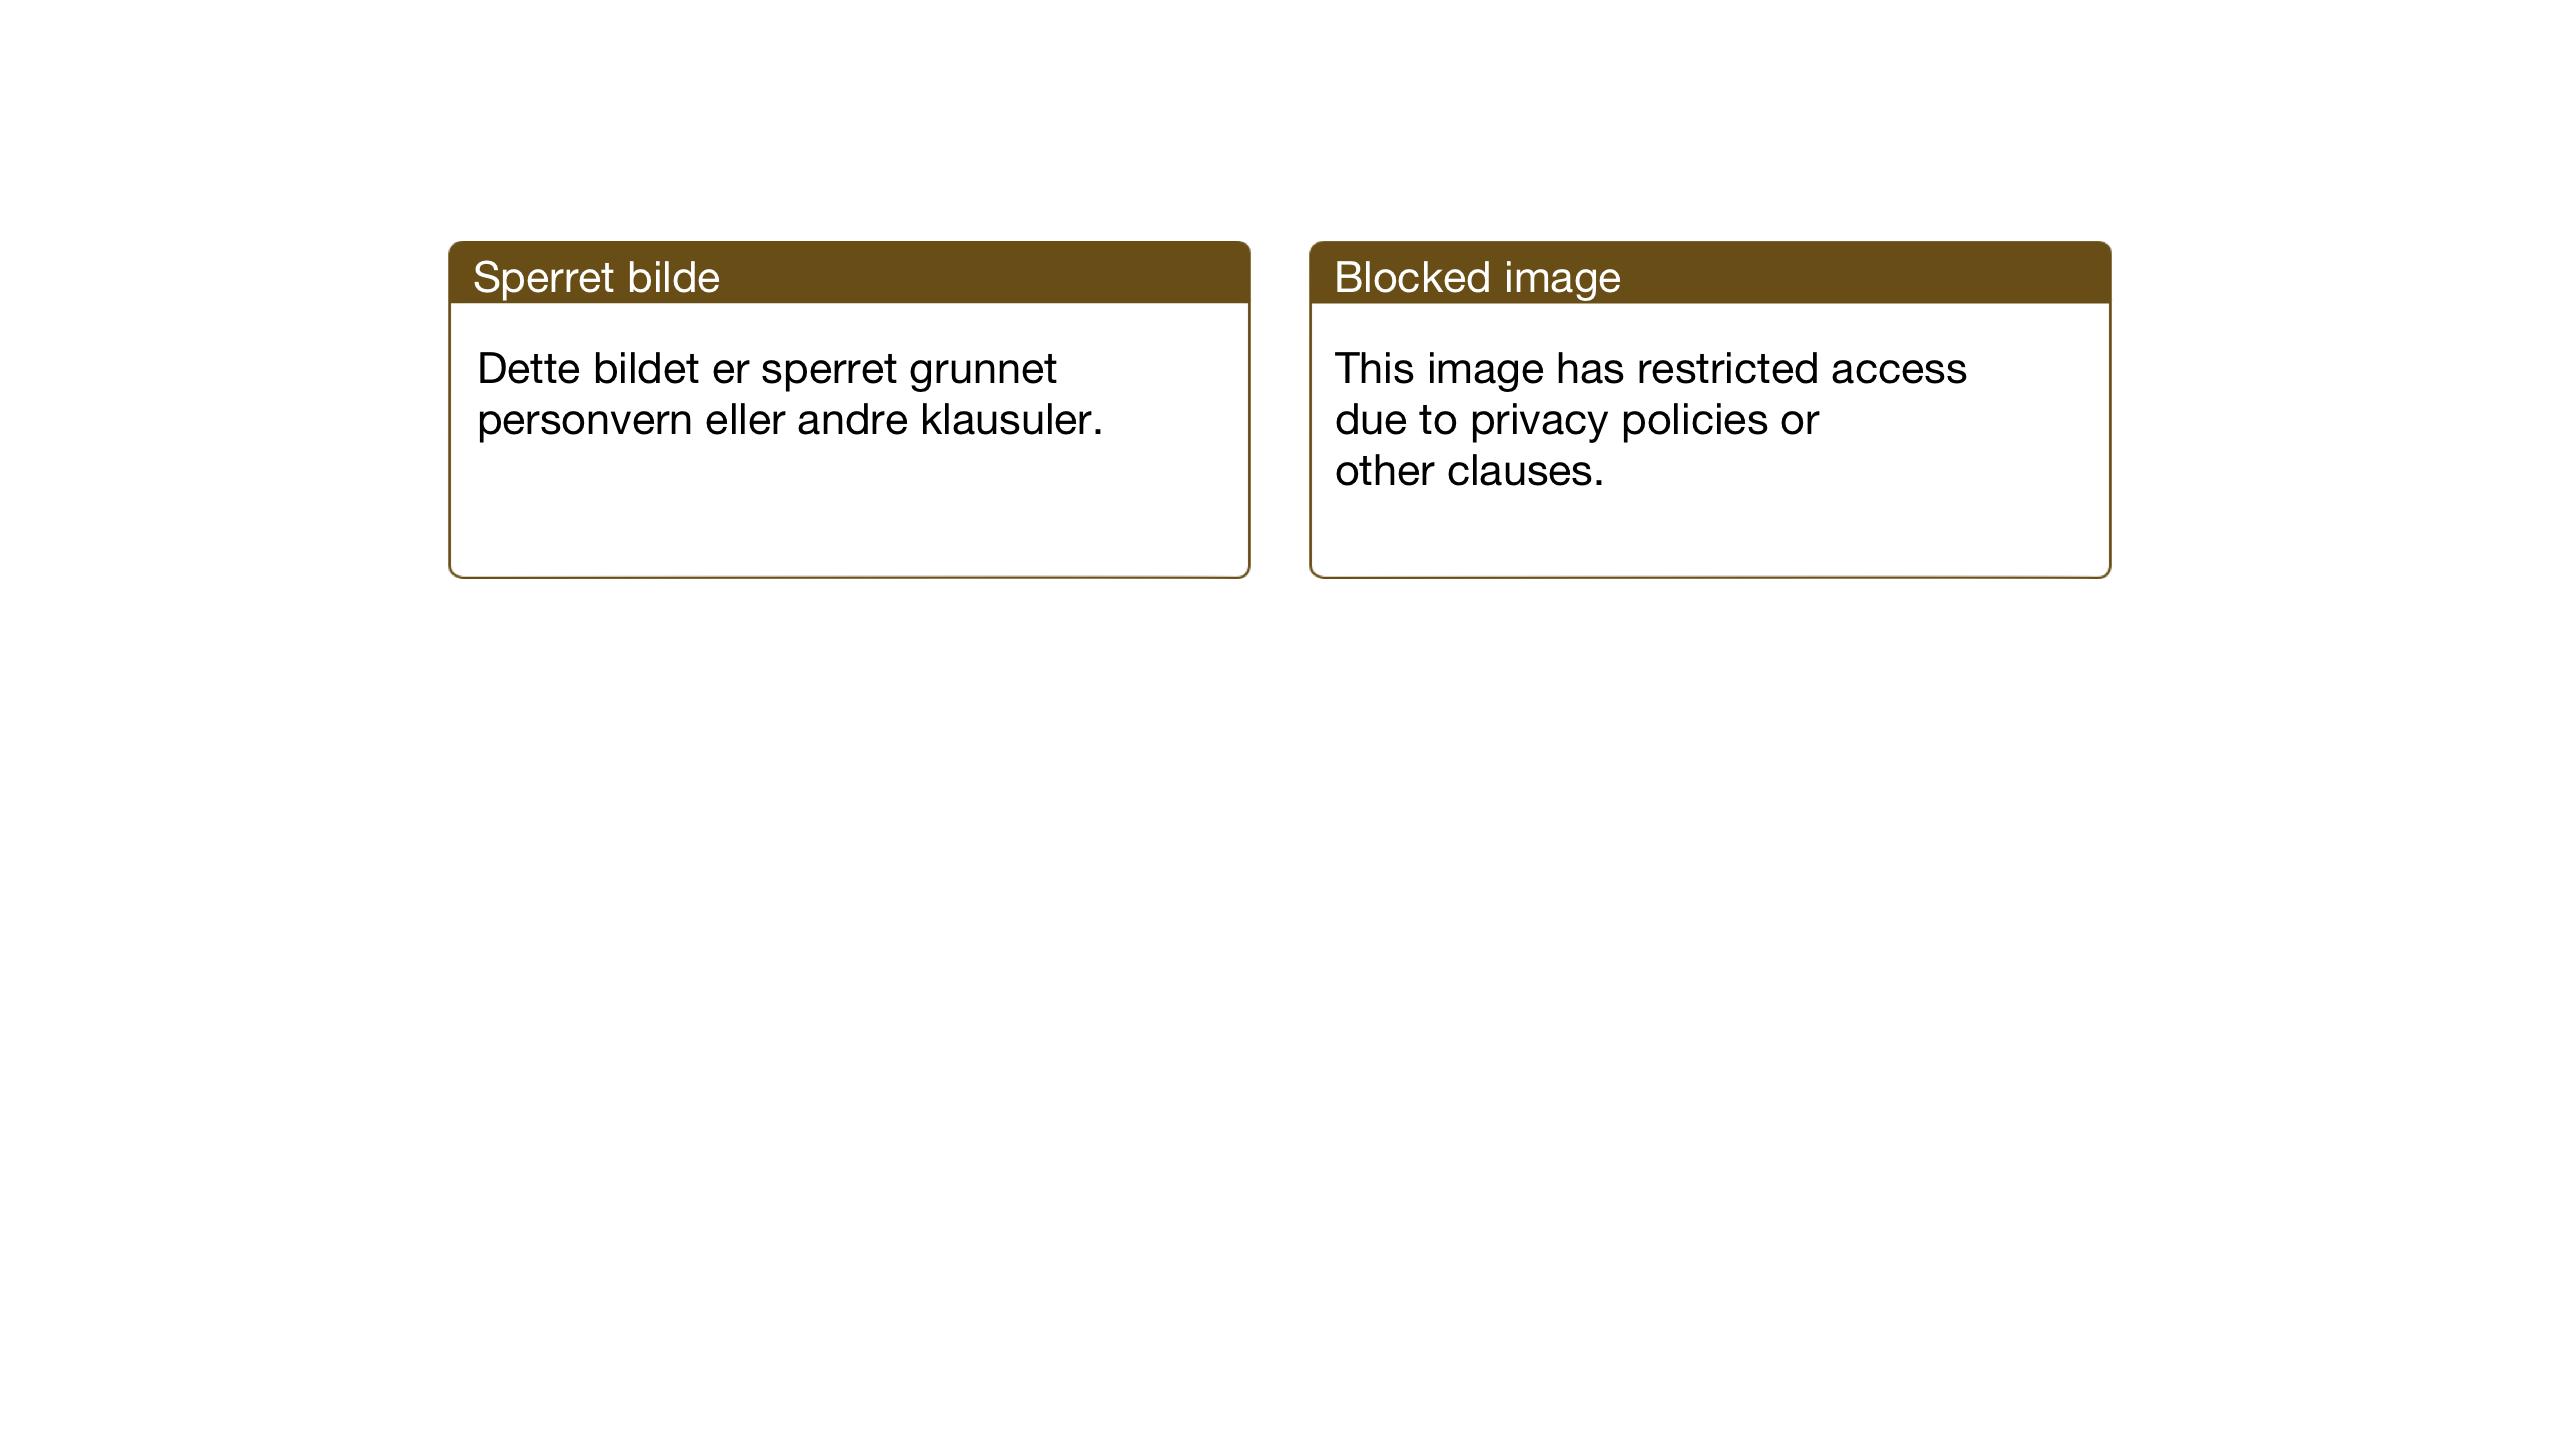 SAT, Ministerialprotokoller, klokkerbøker og fødselsregistre - Sør-Trøndelag, 667/L0799: Klokkerbok nr. 667C04, 1929-1950, s. 50